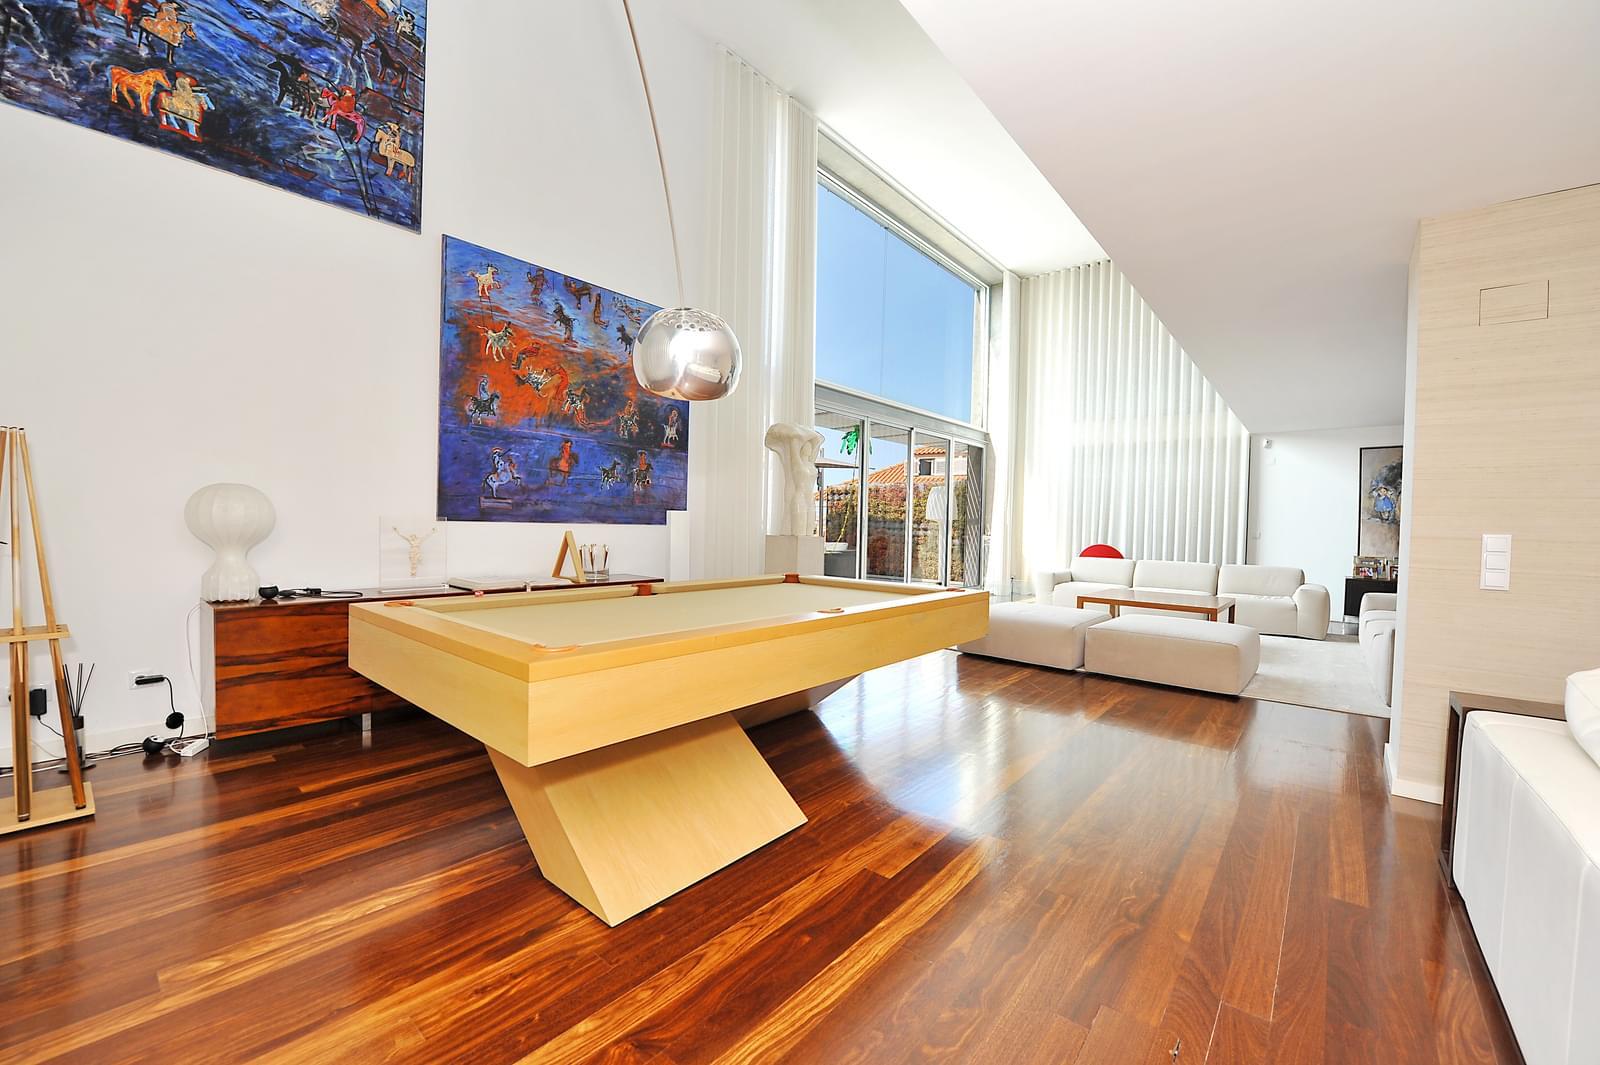 pf17631-apartamento-t5-cascais-bed0e3c4-df9e-4545-a3c2-c303bde6c9ab